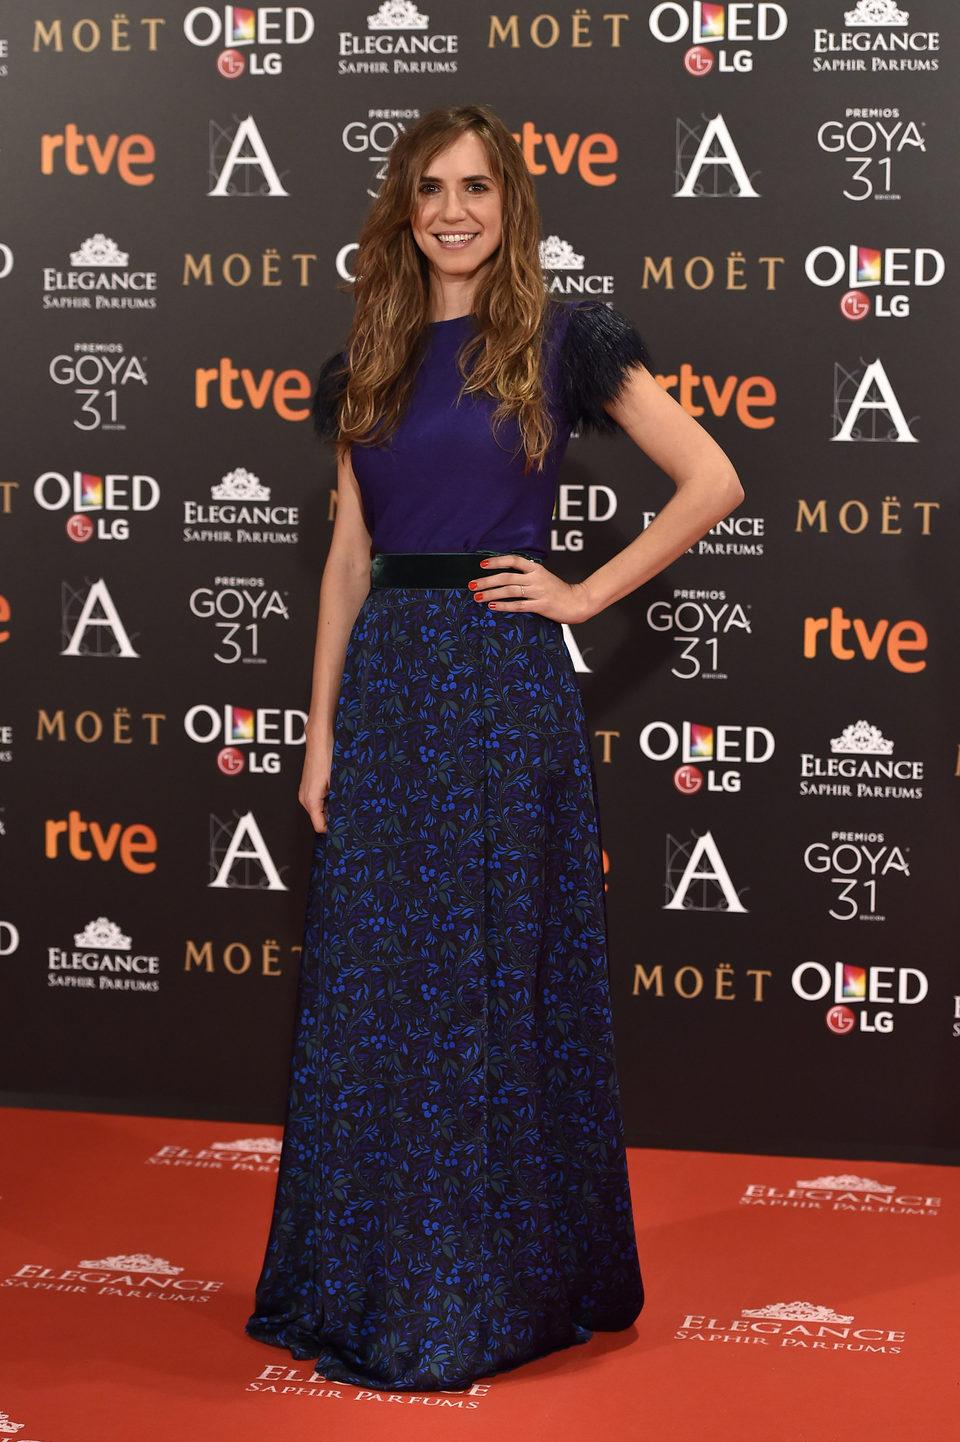 Aina Clotet en la alfombra roja de los Premios Goya 2017